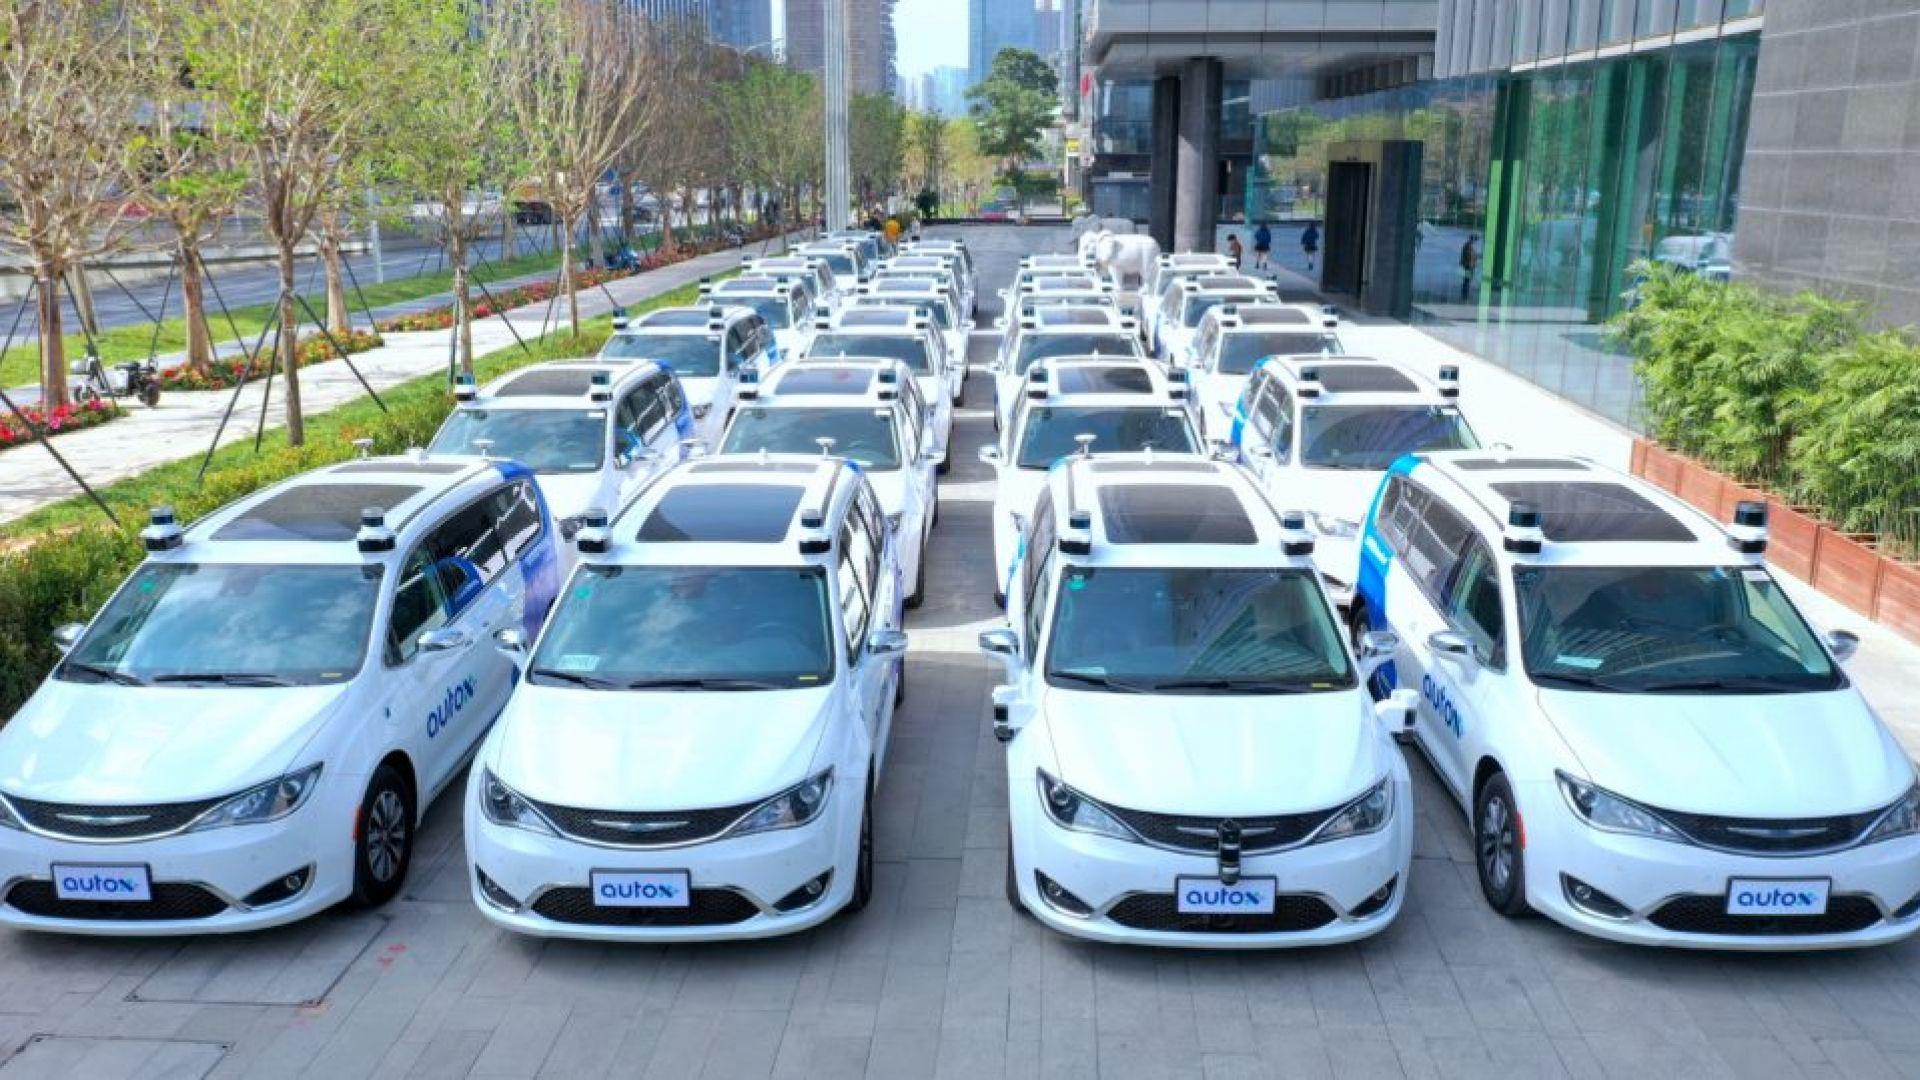 Автономни роботаксита вече пътуват по улиците на Китай